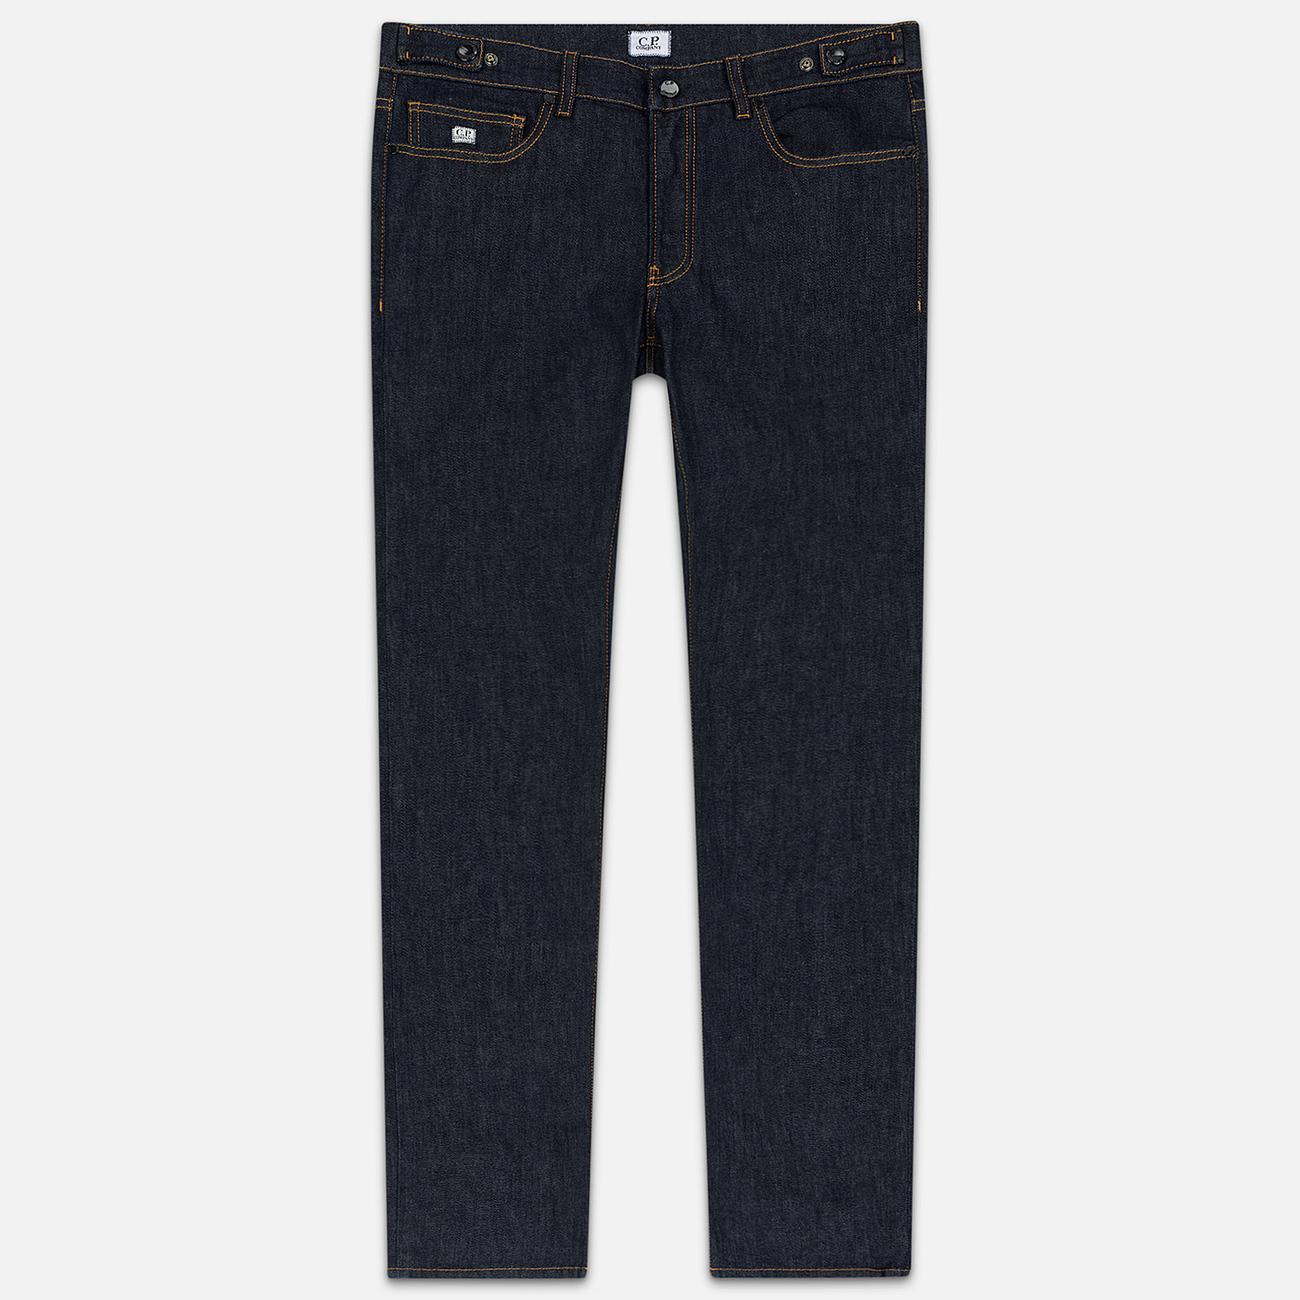 Мужские джинсы C.P. Company Regular Fit Five Pockets Unwashed Denim